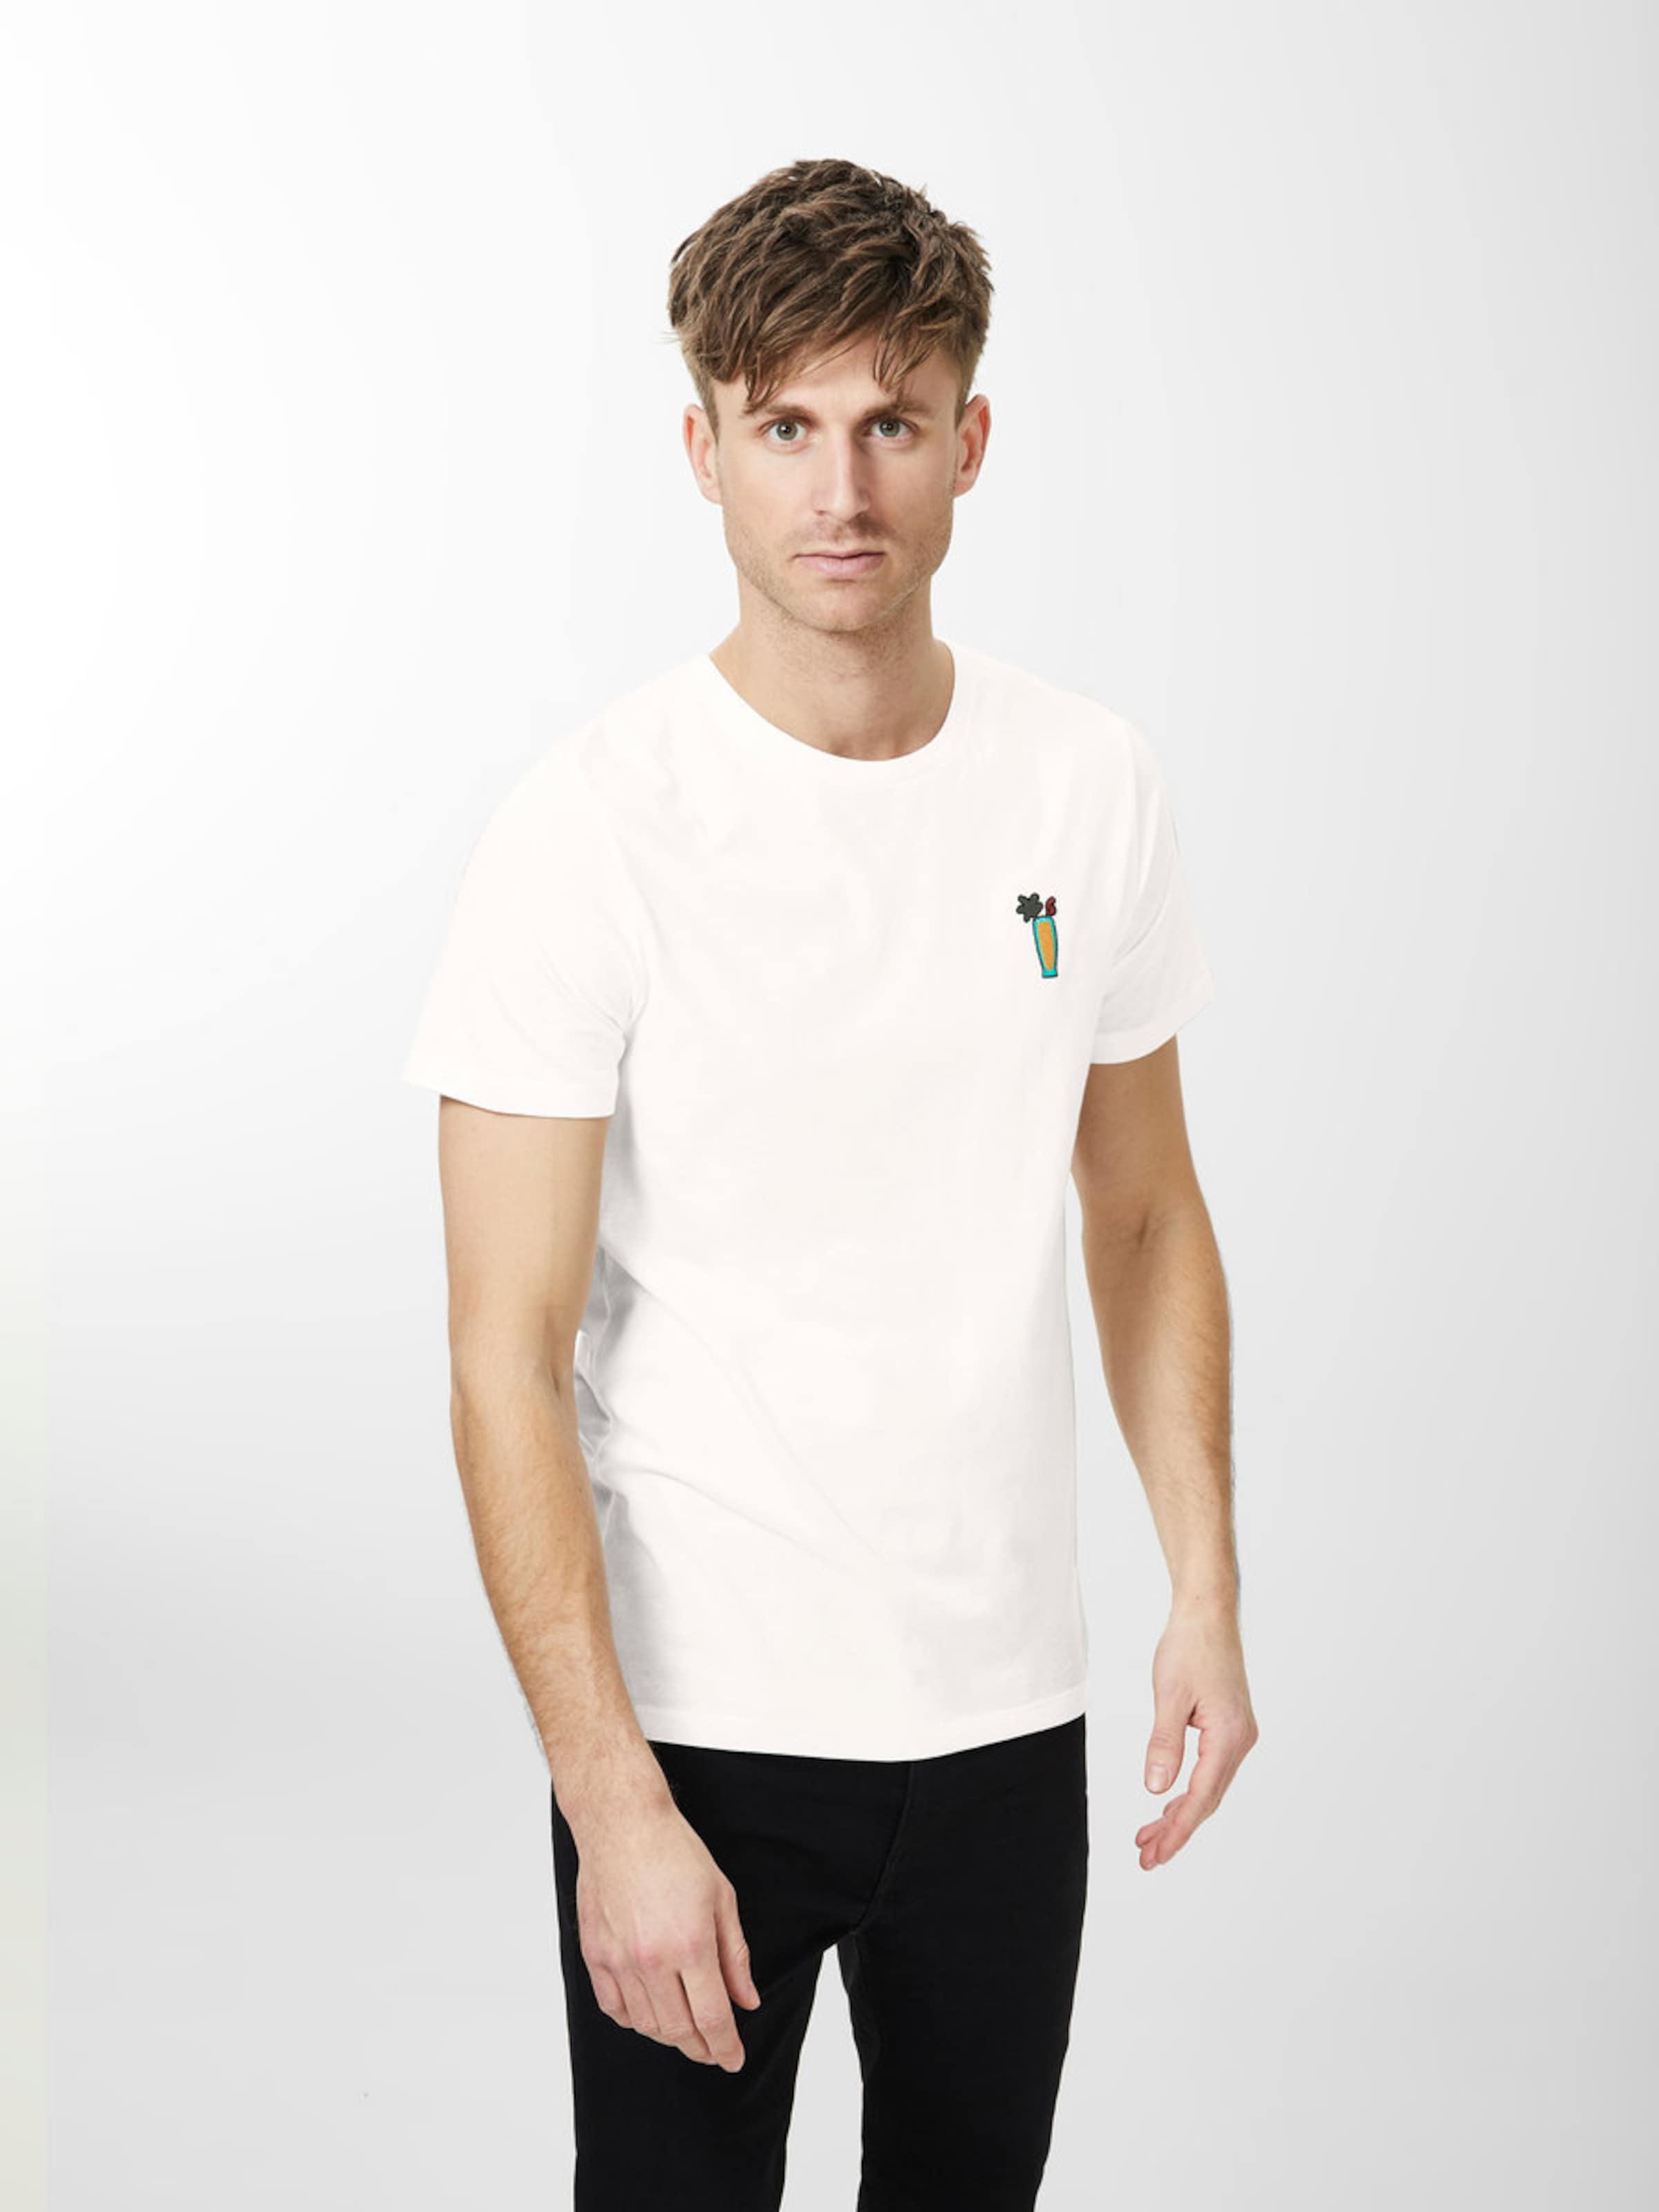 Produkt Fun Summer T-Shirt Billig Empfehlen Spielraum Fälschung Wo Findet Man Billig Billig WIsSu0ati1